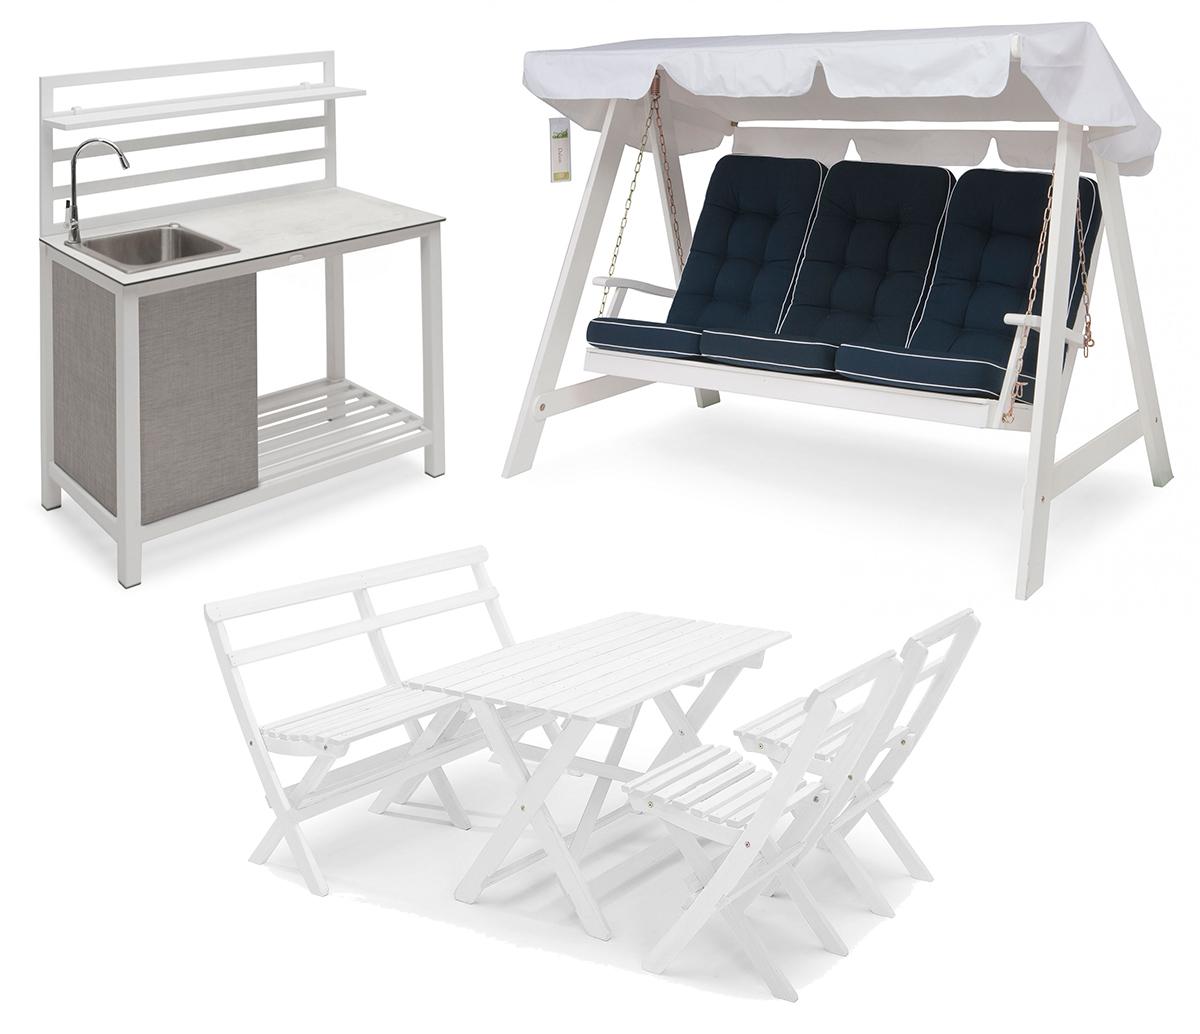 billiga möbler online